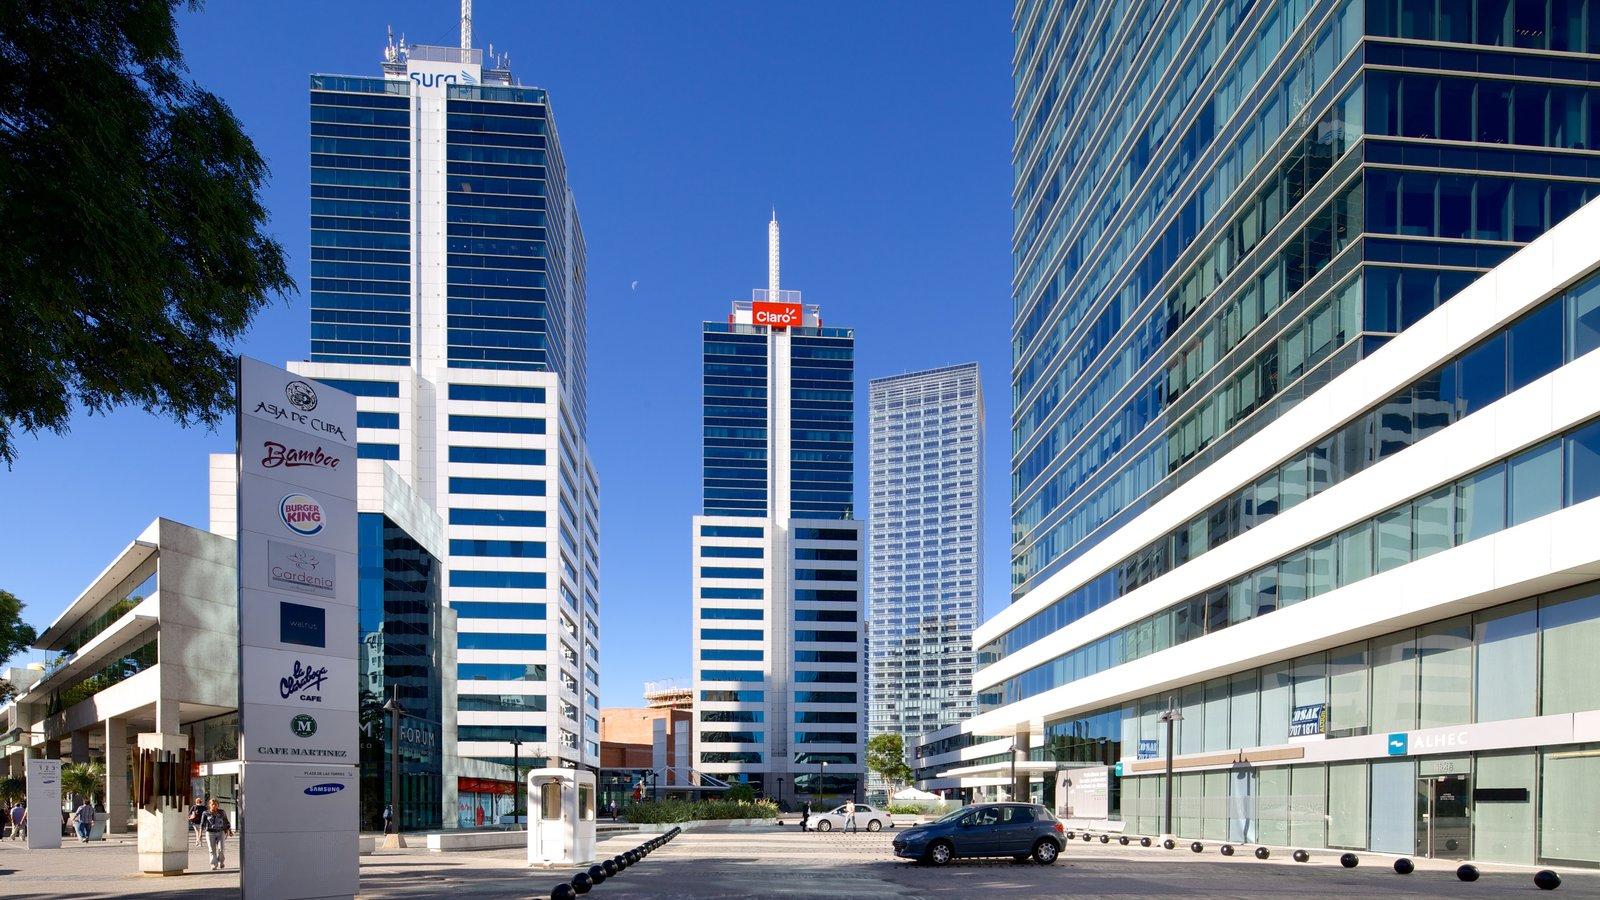 Montevidéu que inclui arquitetura moderna, cenas de rua e um edifício